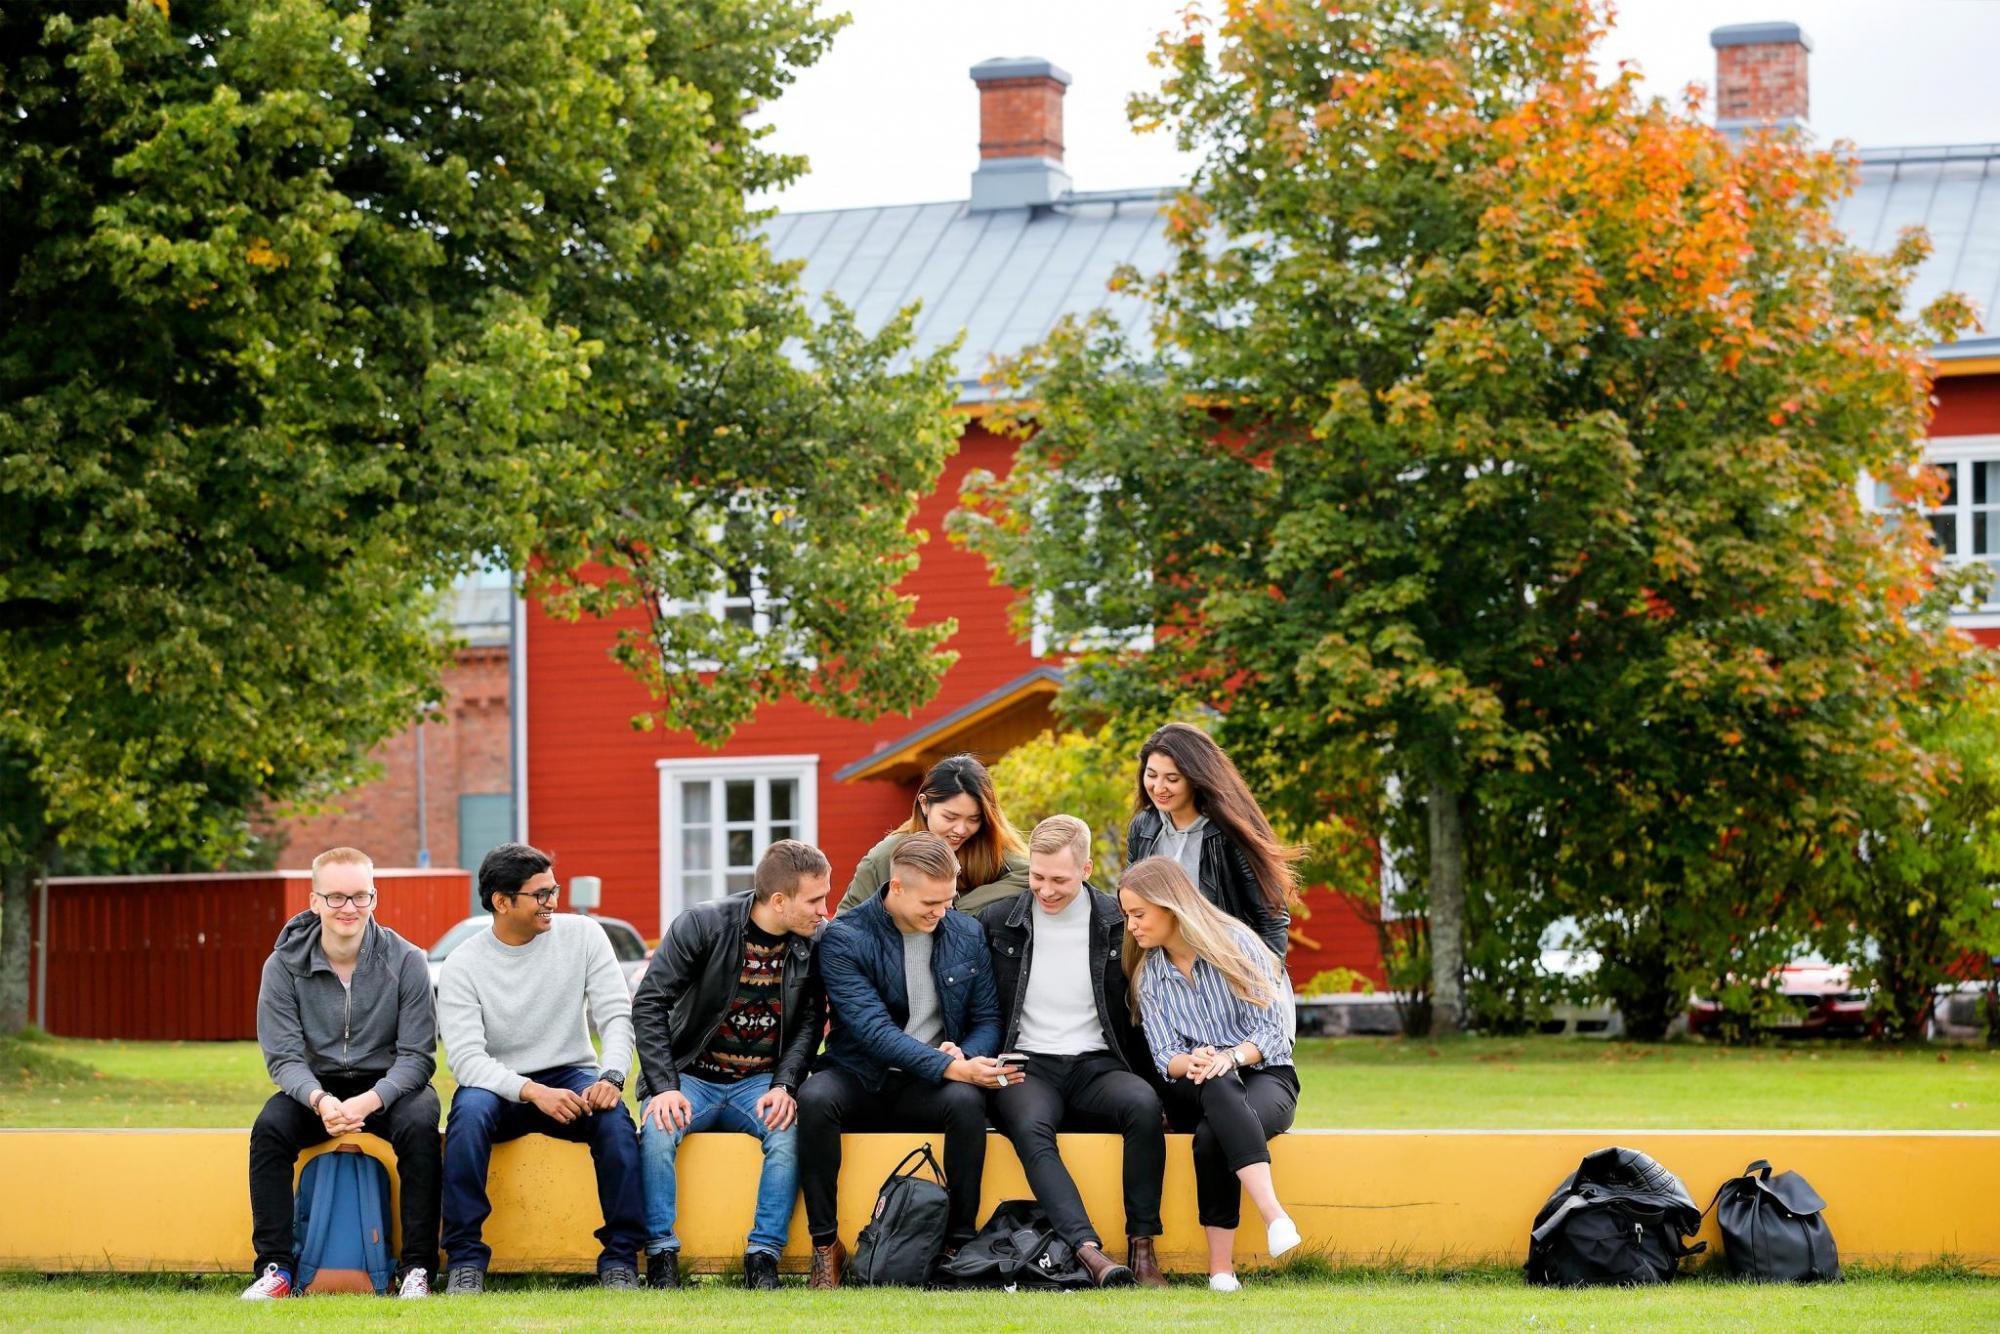 Opiskelijoita kampuksella